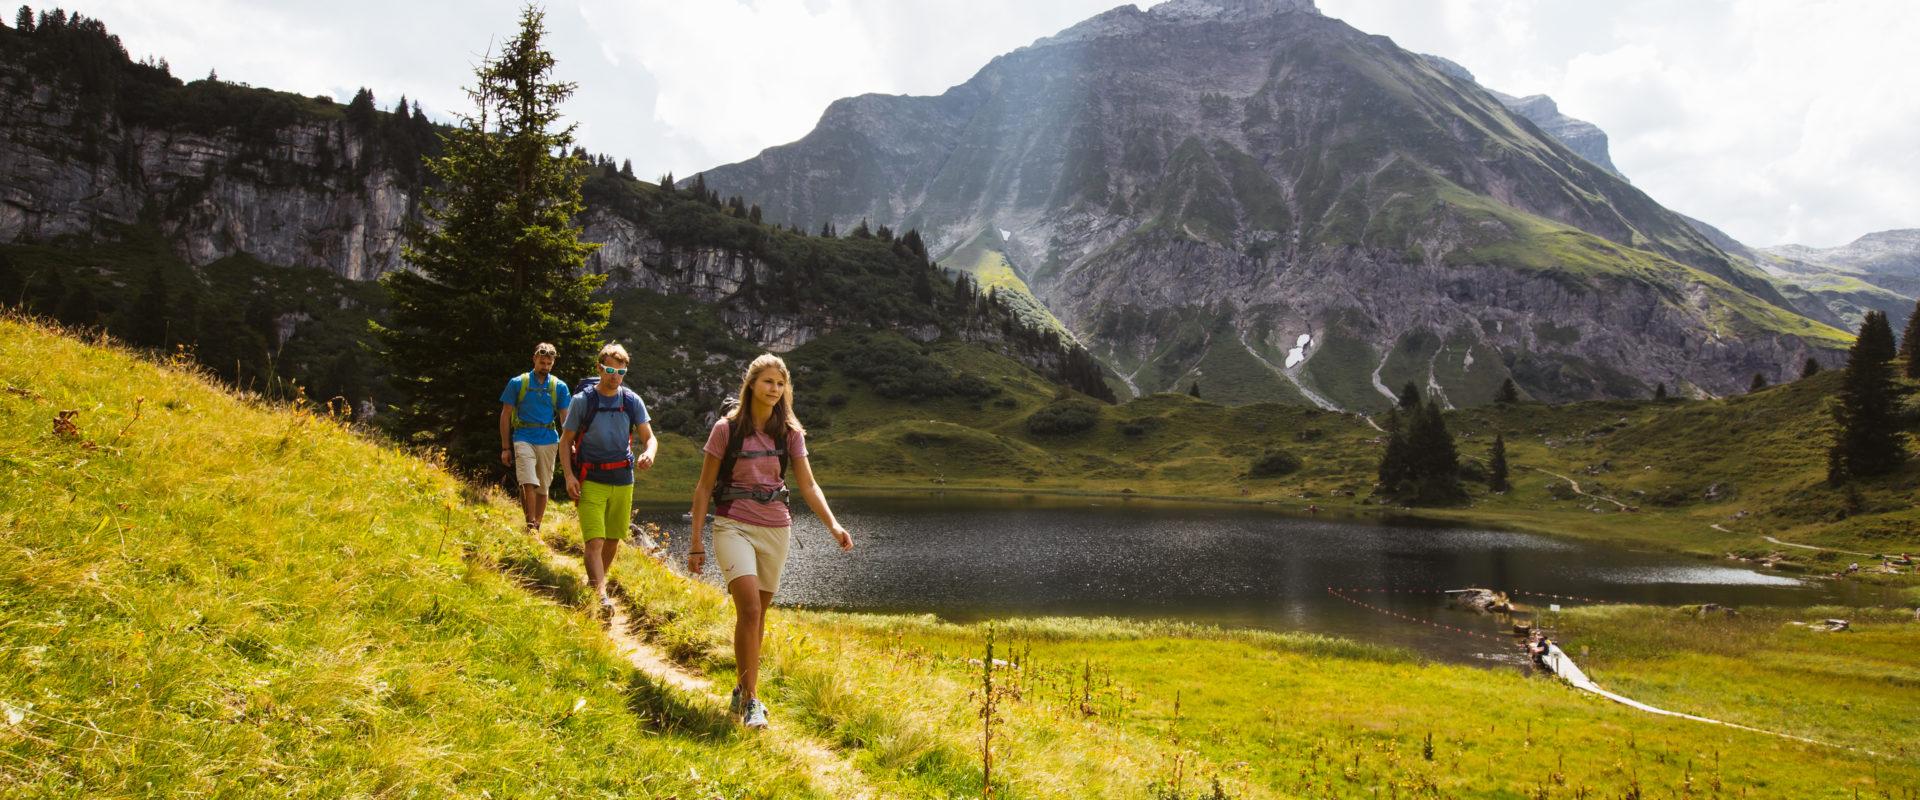 Kulinarisch Wandern - Warth-Schröcken